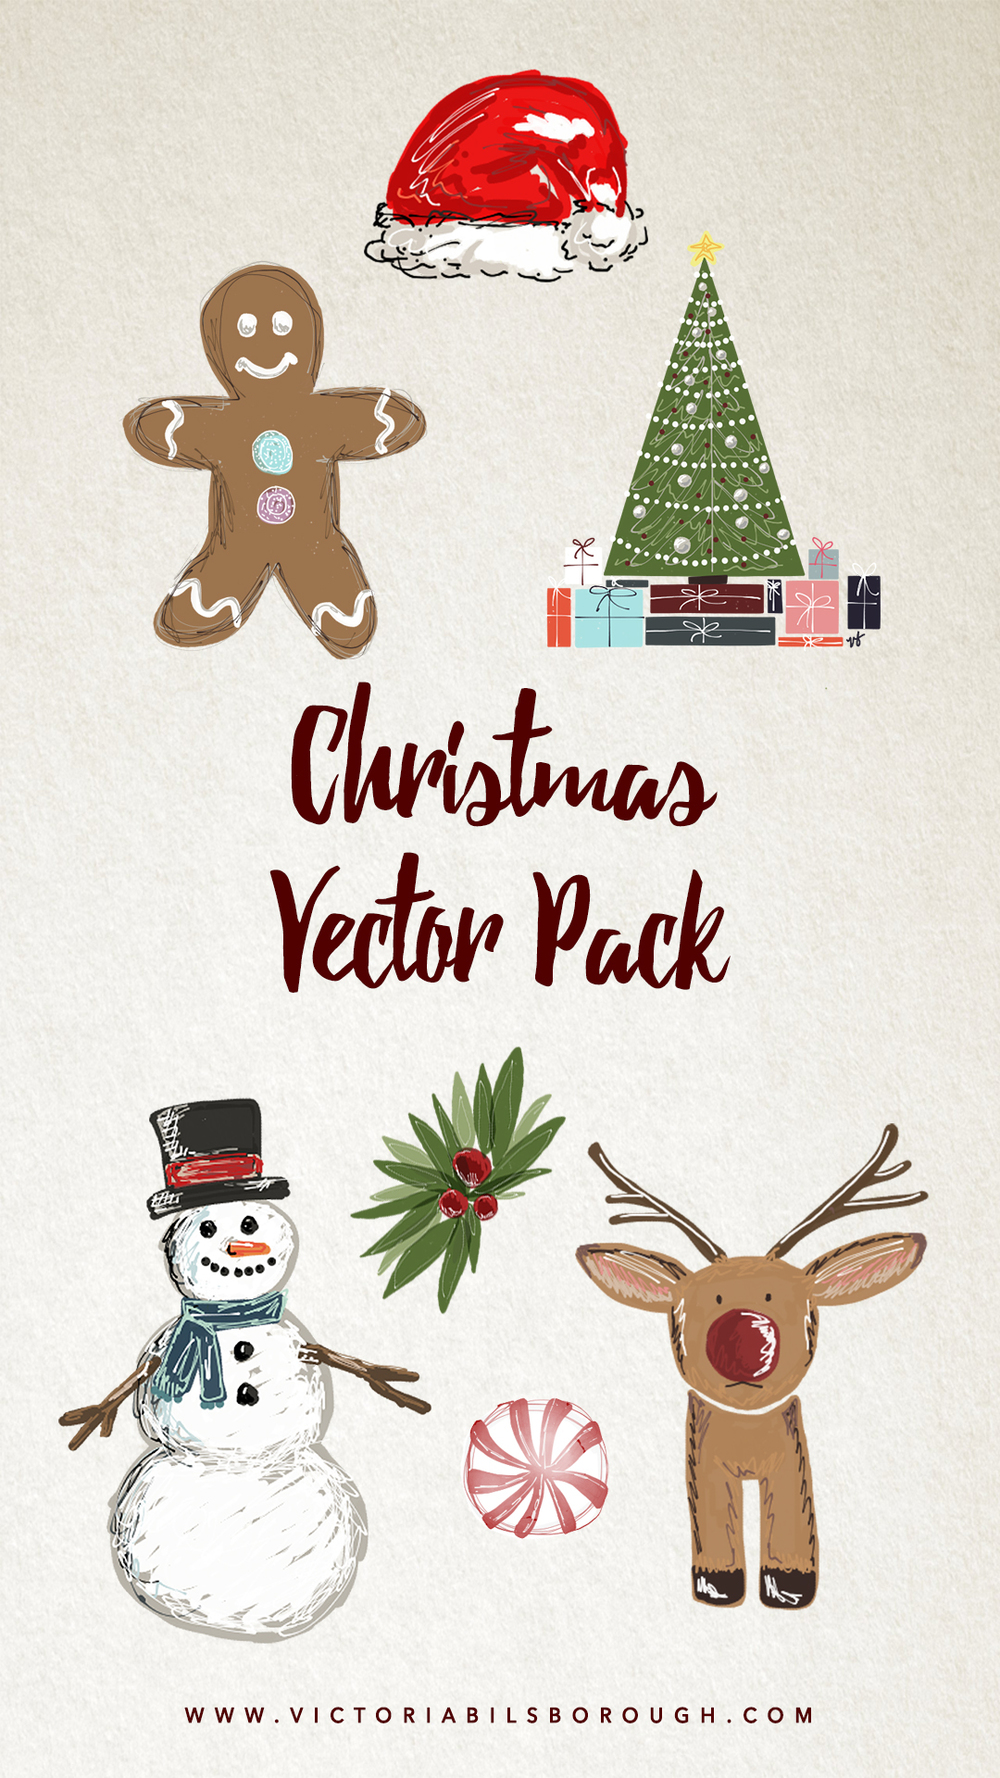 Christmas Vectors - www.victoriabilsborough.com